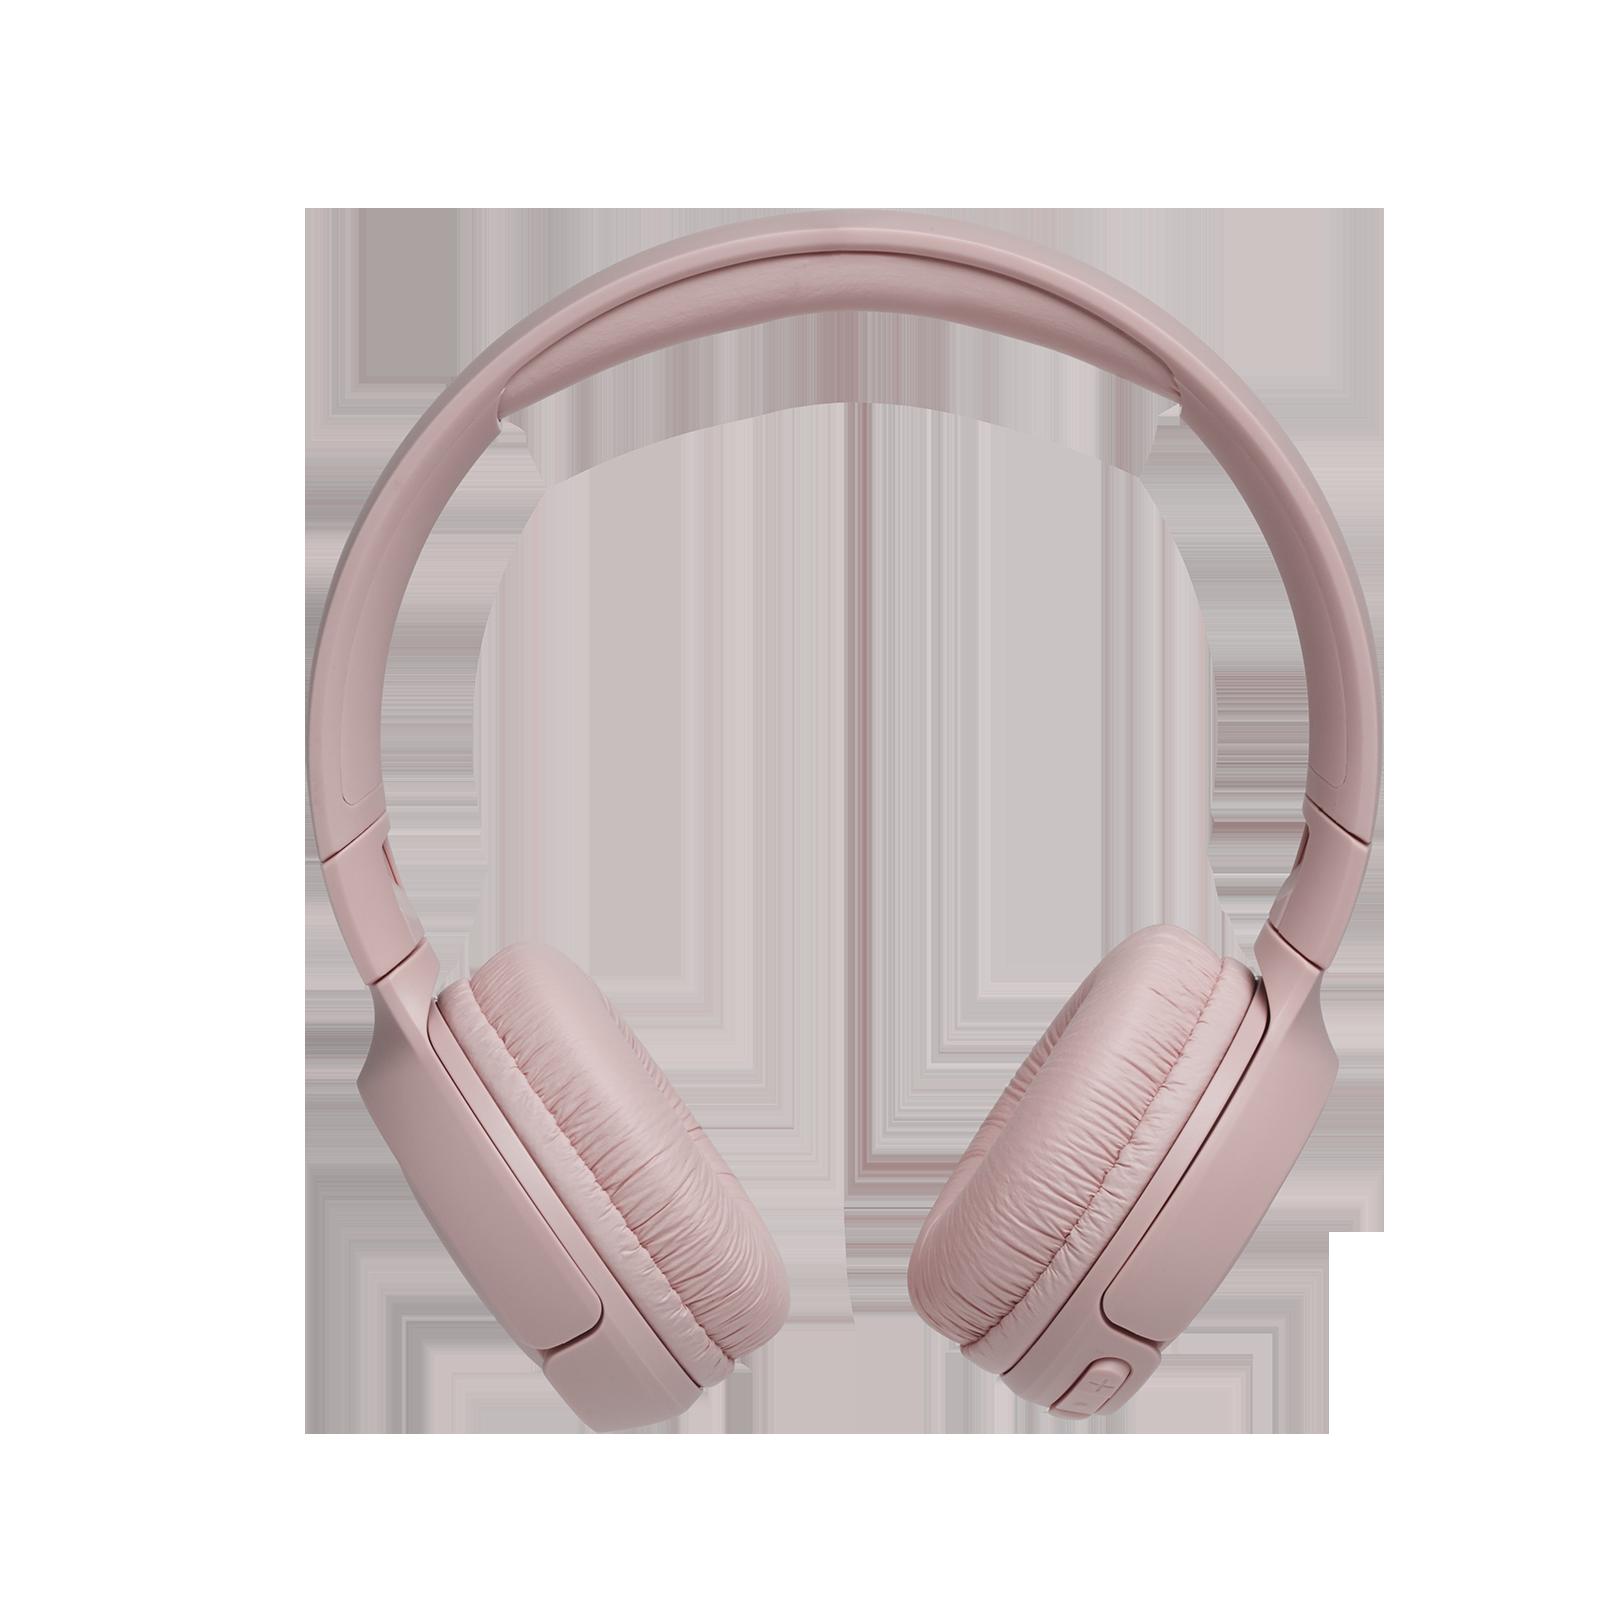 Jbl Tune 500bt Wireless On Ear Headphones